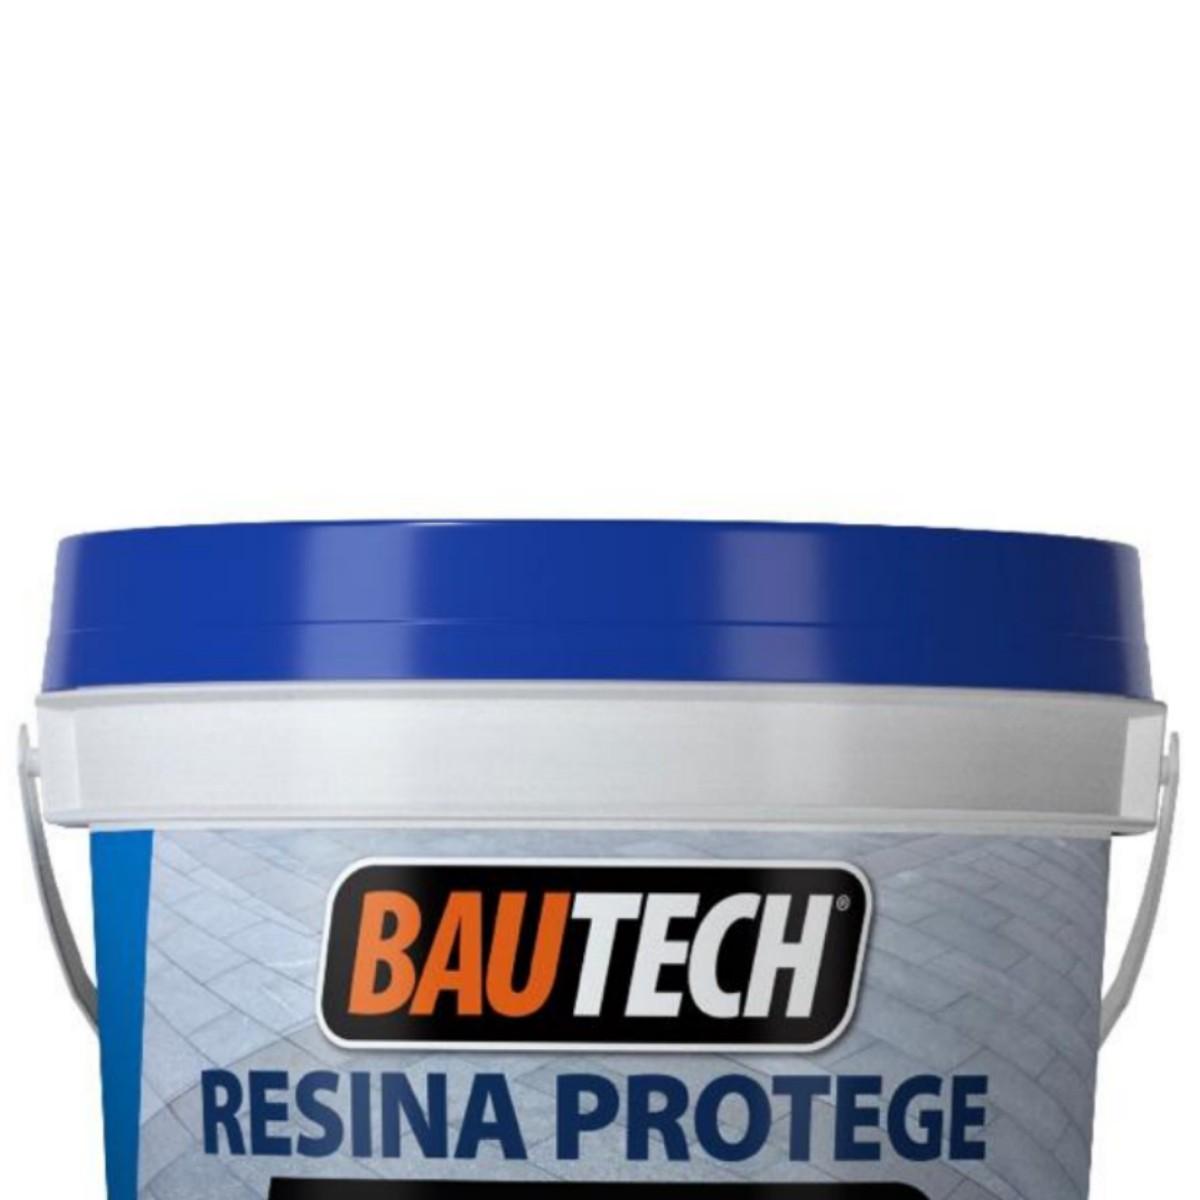 Resina Acrilica Protege Pisos Bautech 3,6L